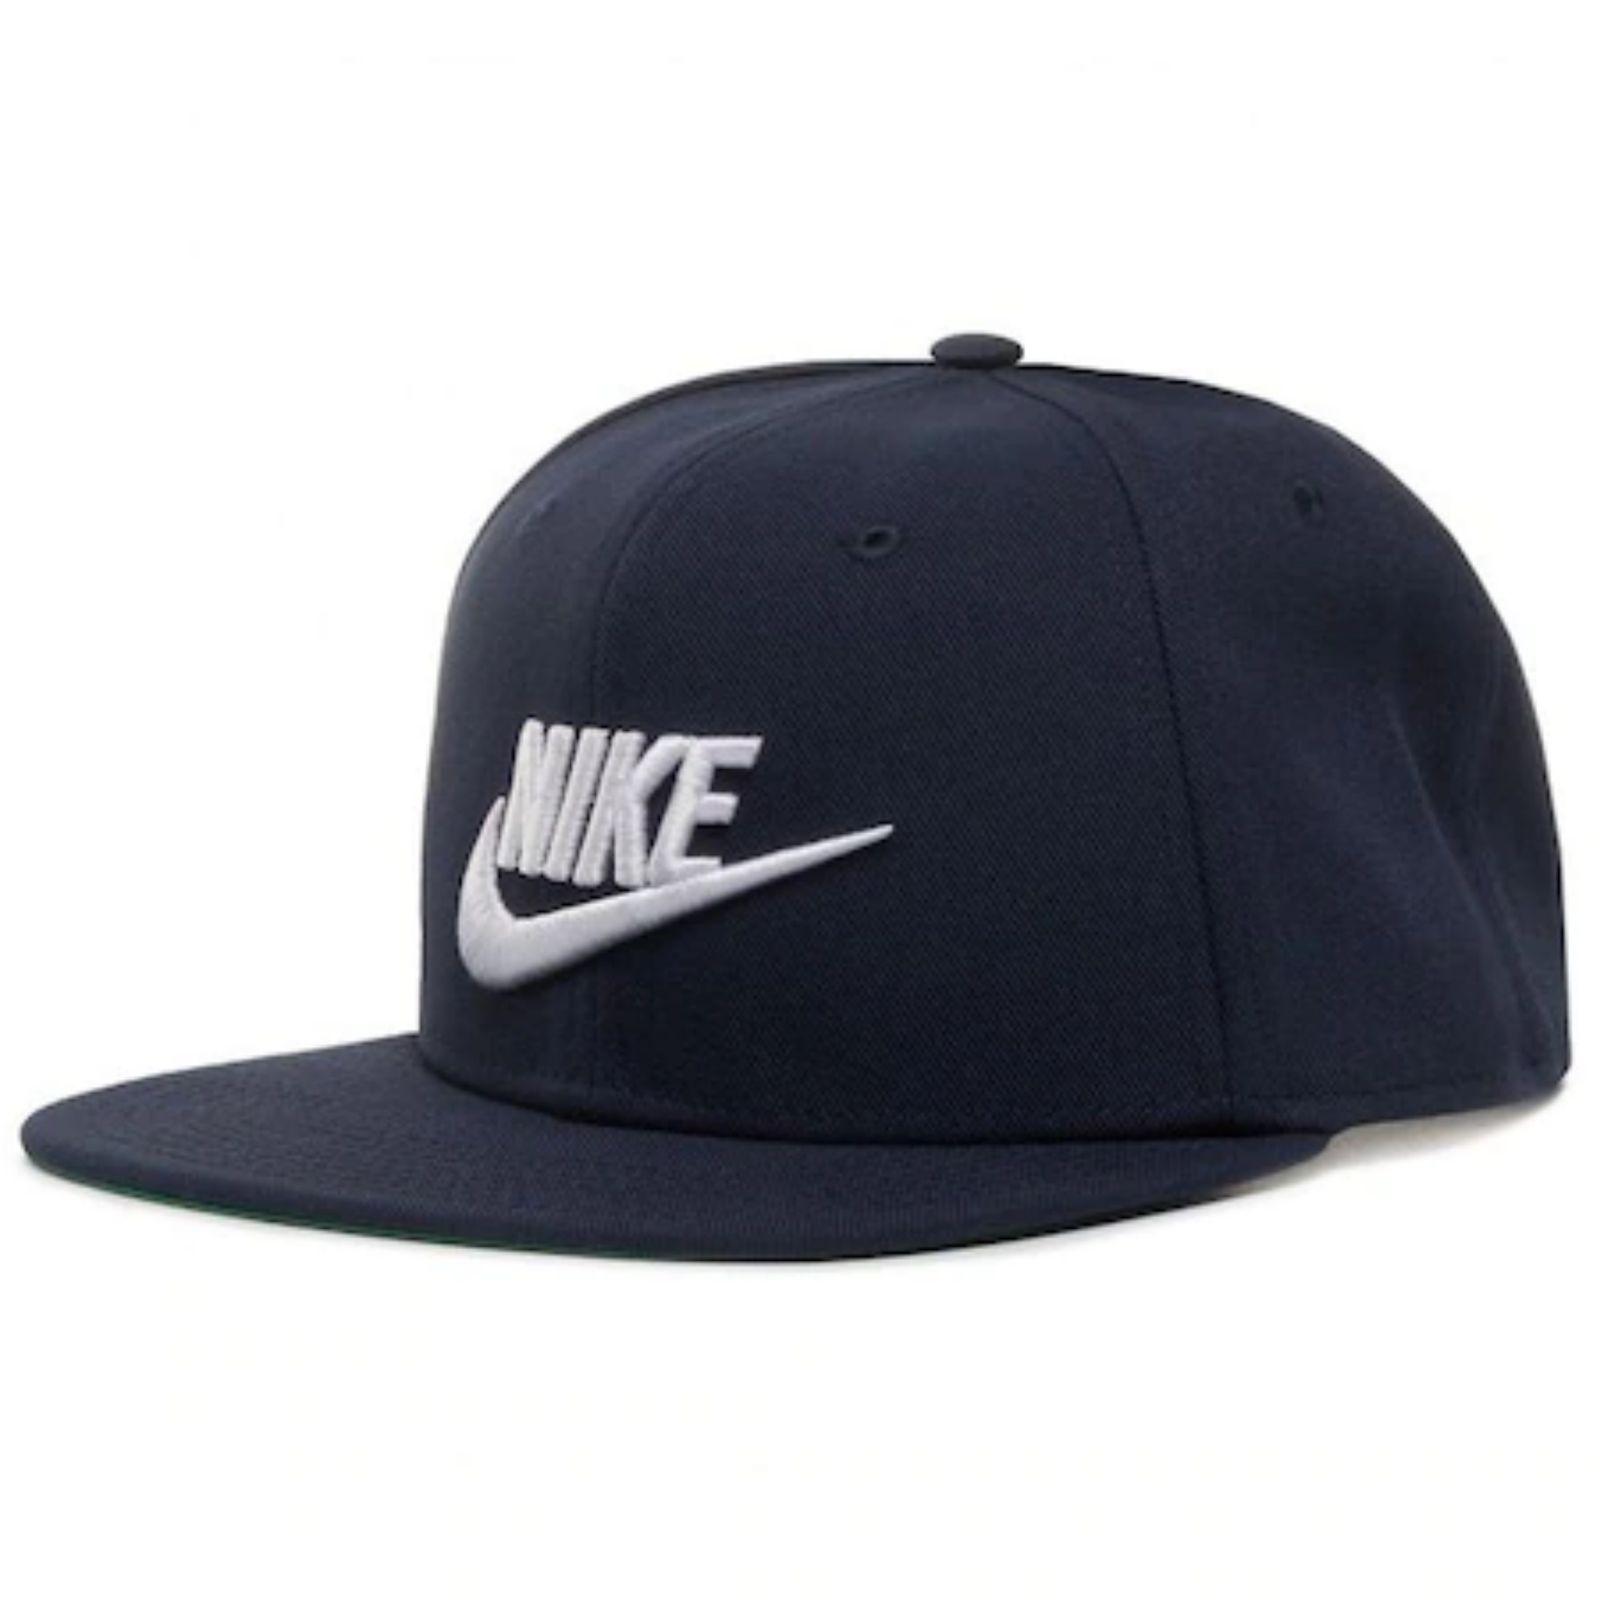 کلاه کپ نایکی مدل SB PRO VINTAGE DB -  - 2